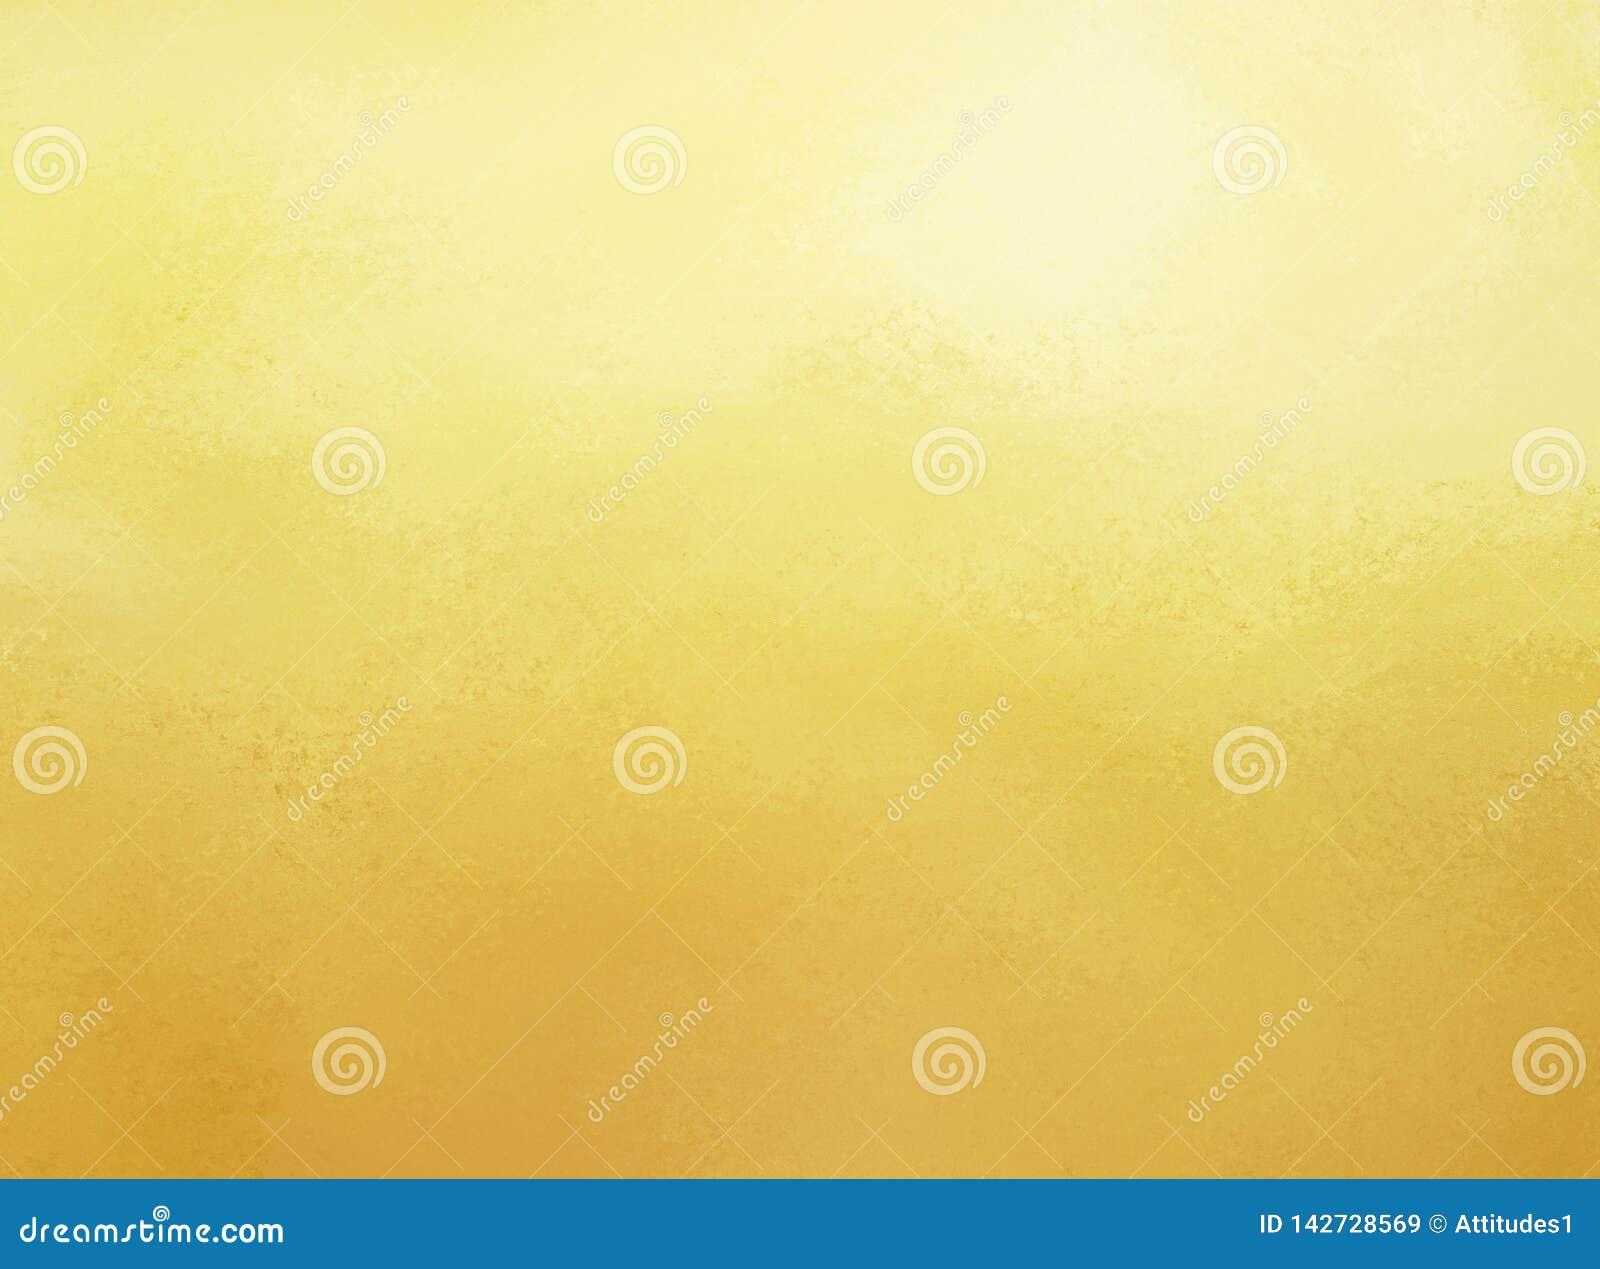 Gele achtergrond met verontruste textuur en gradiënt witte verlichting, elegant gouden ontwerp als achtergrond